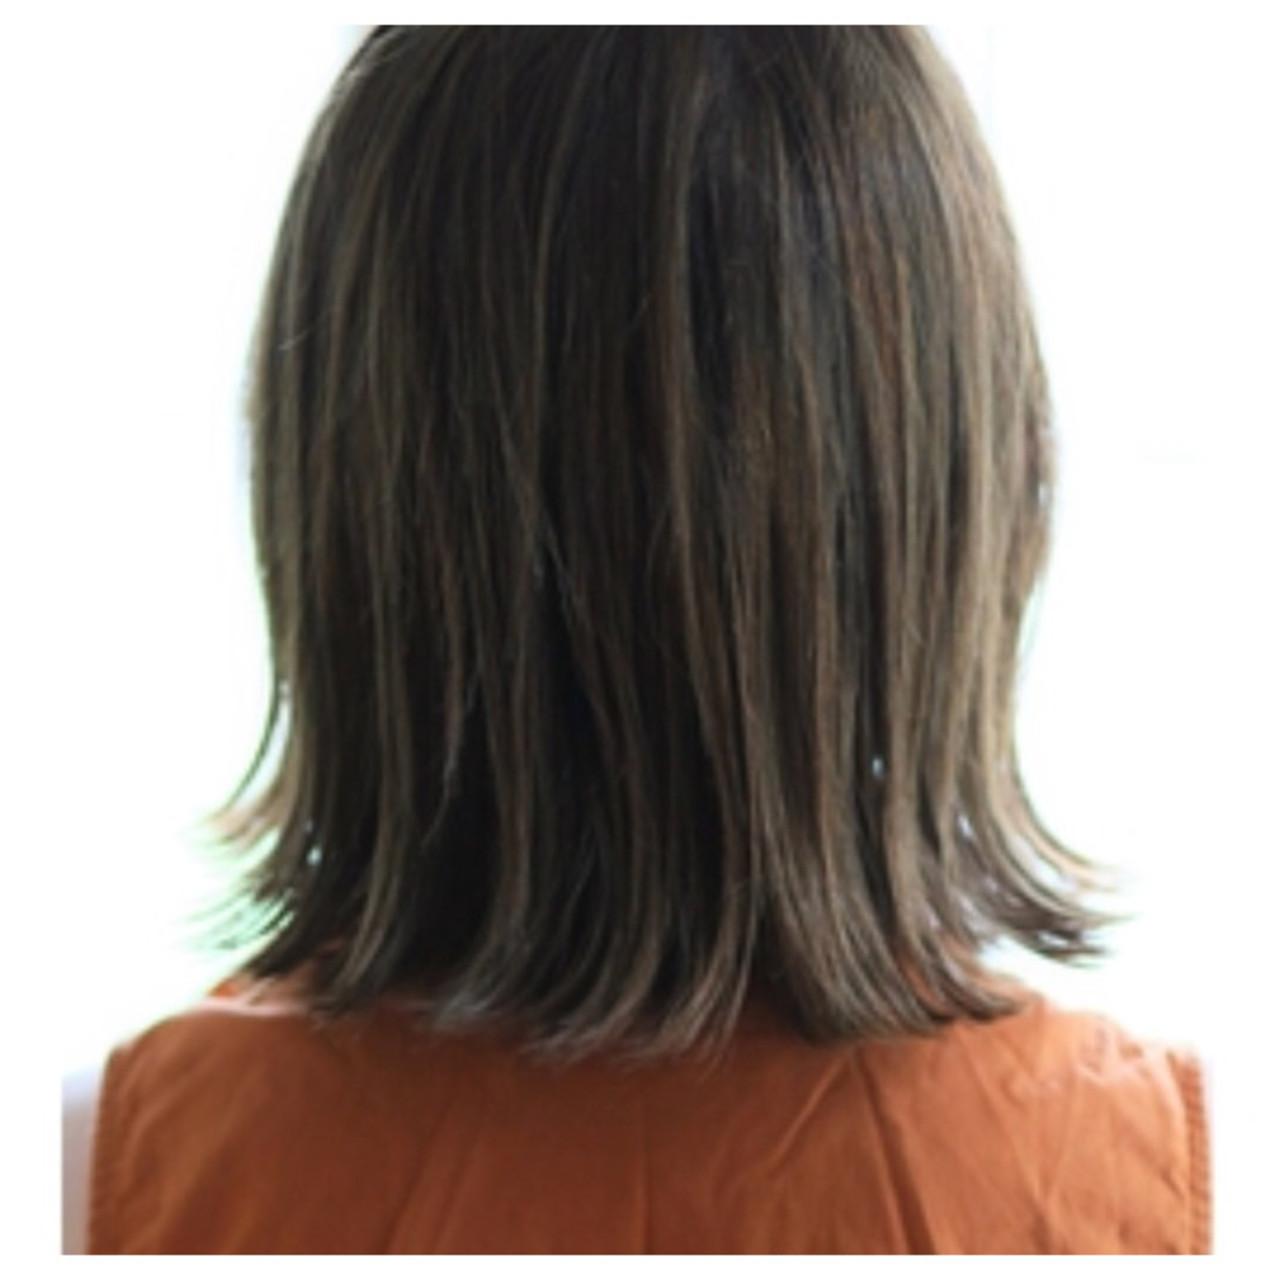 大人かわいい ヘアアレンジ 涼しげ ナチュラル ヘアスタイルや髪型の写真・画像